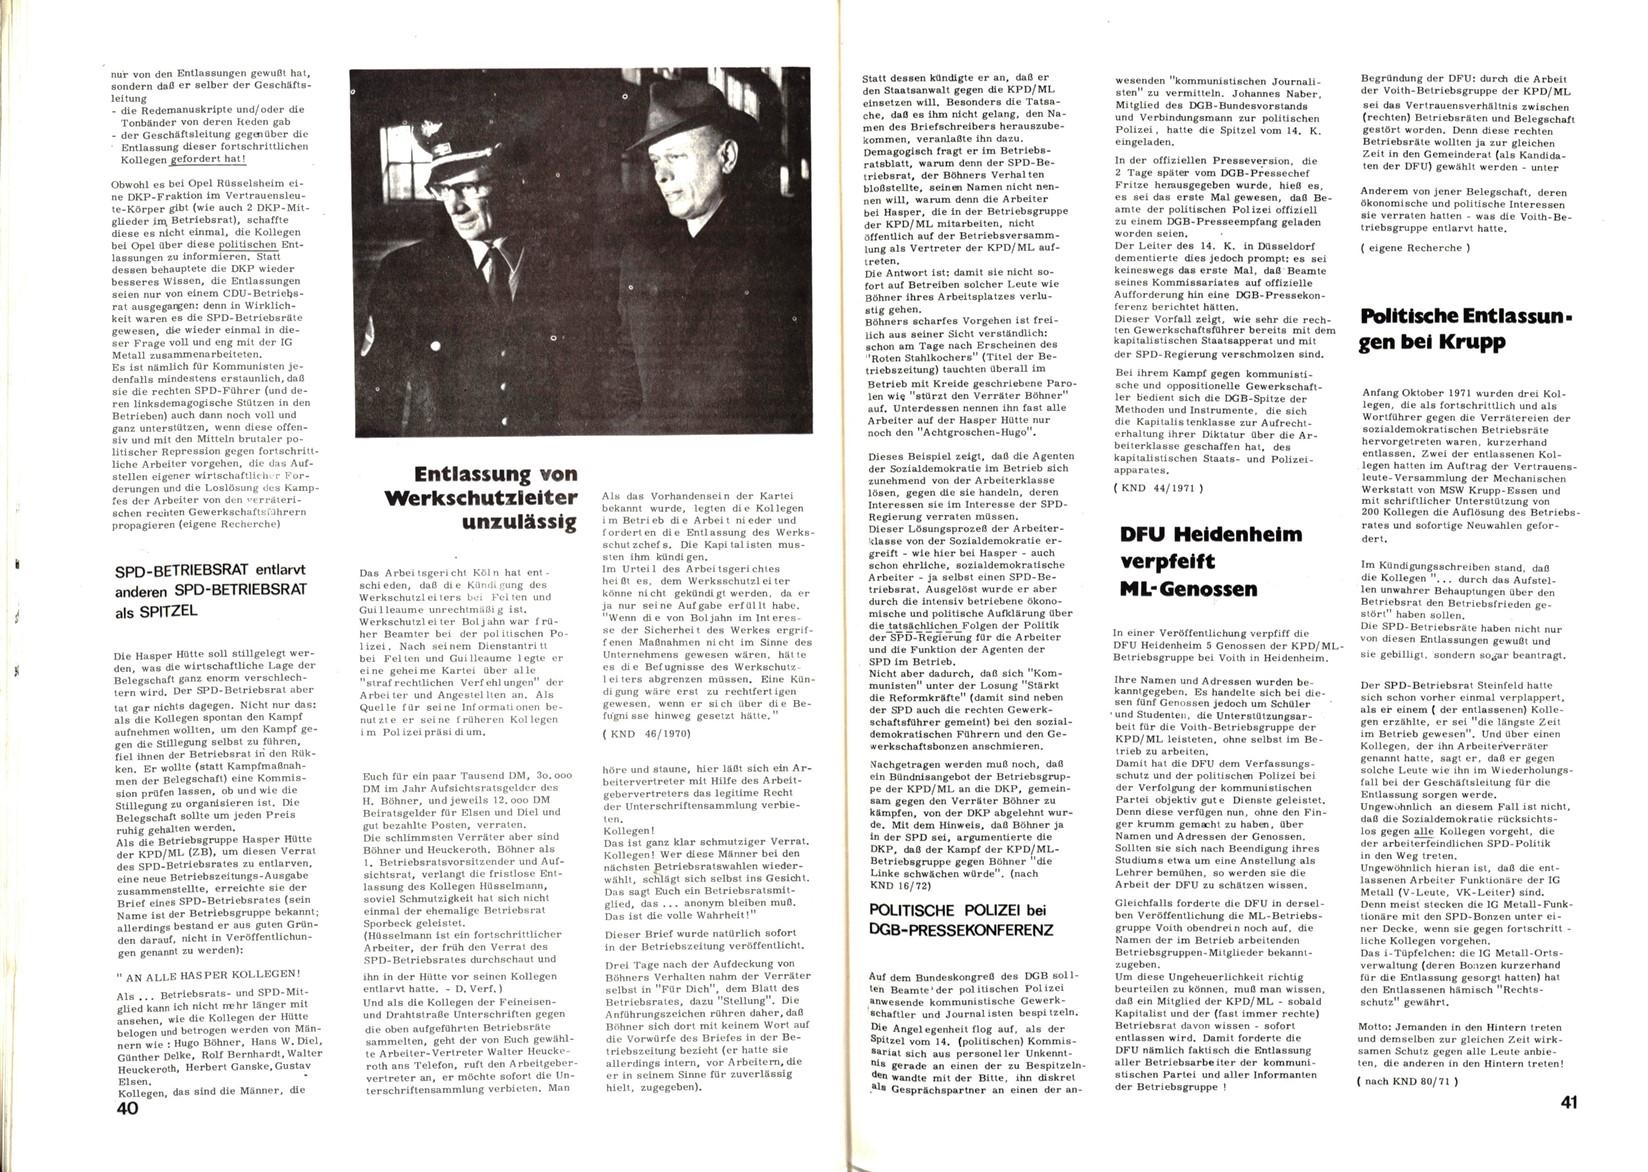 Mainz_VDS_AStA_1972_Staatsfeind_22